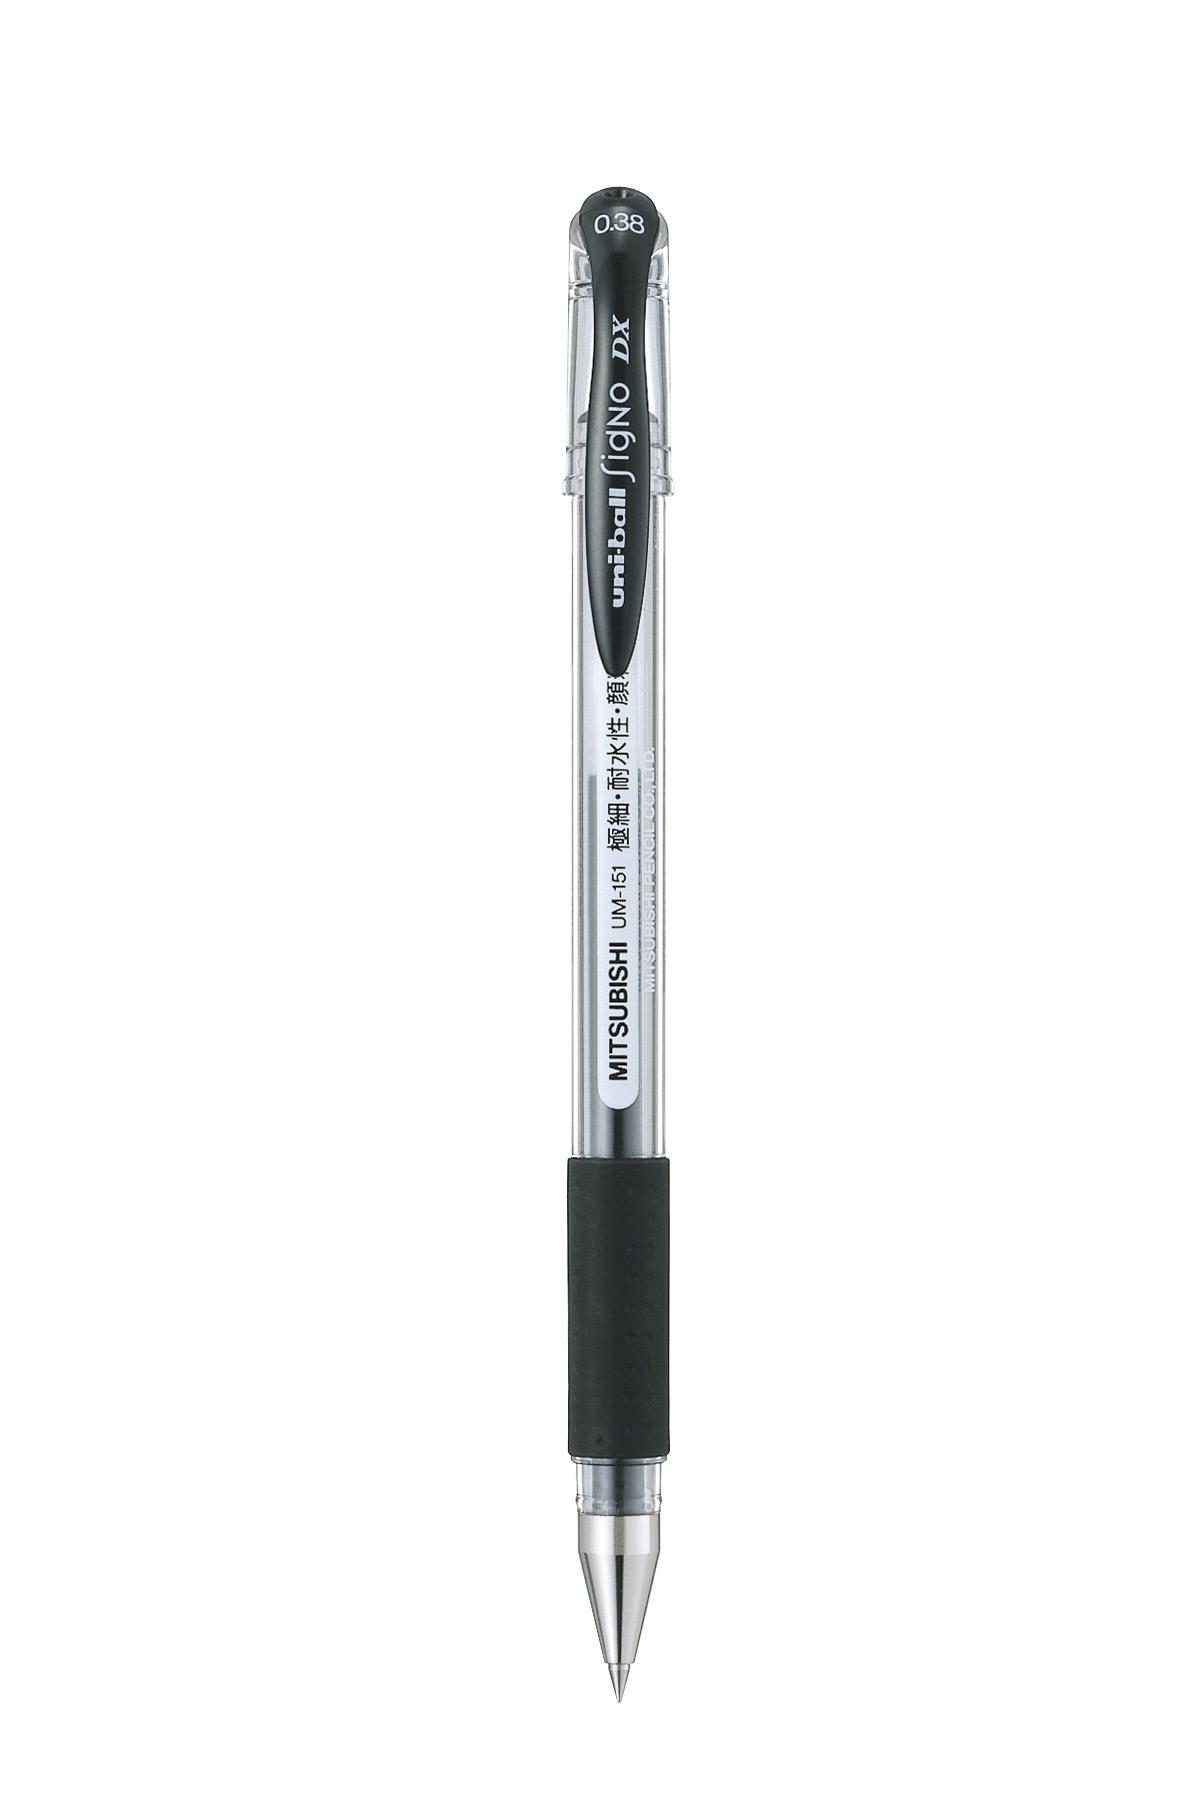 ปากกาหมึกเจล uni Signo DX UM-151 สีดำ 0.38 มม.